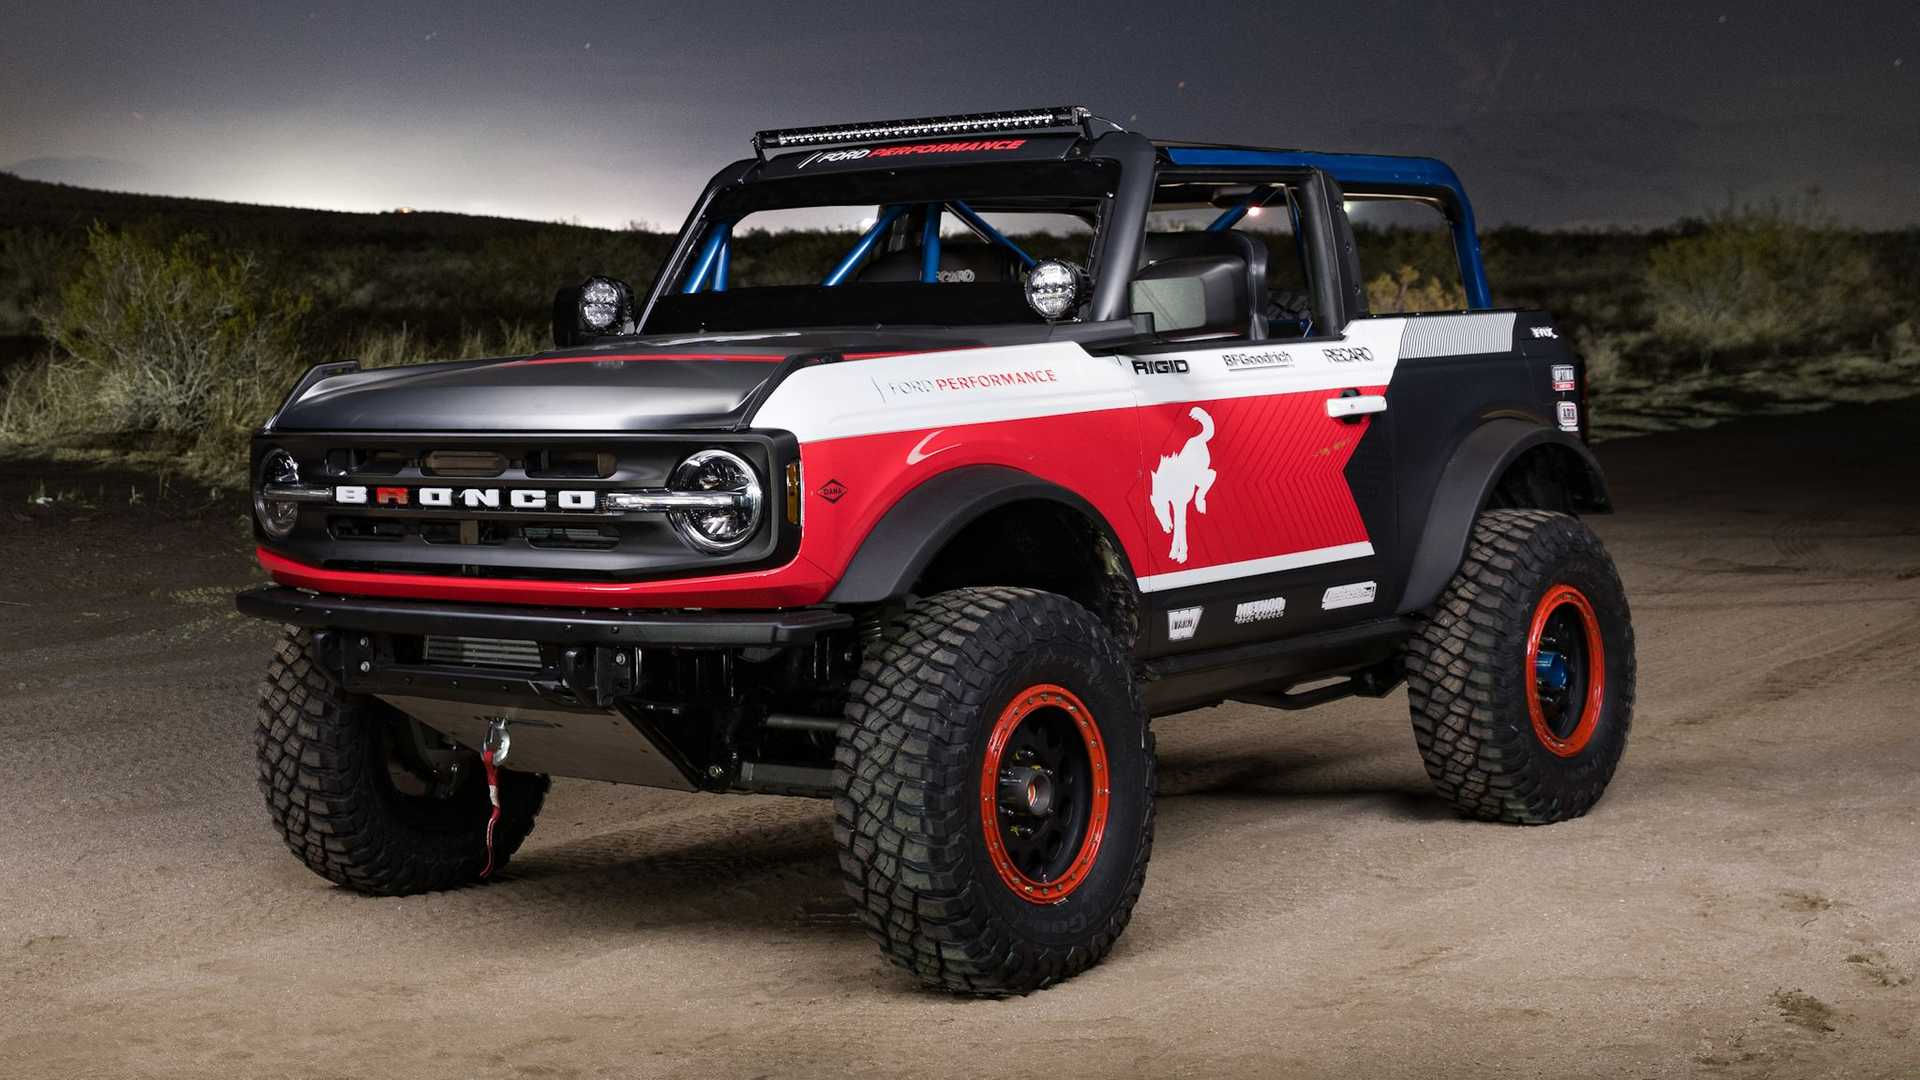 Представлен раллийный Ford Bronco с штатным V6 — он поедет на марафон Baja 1000